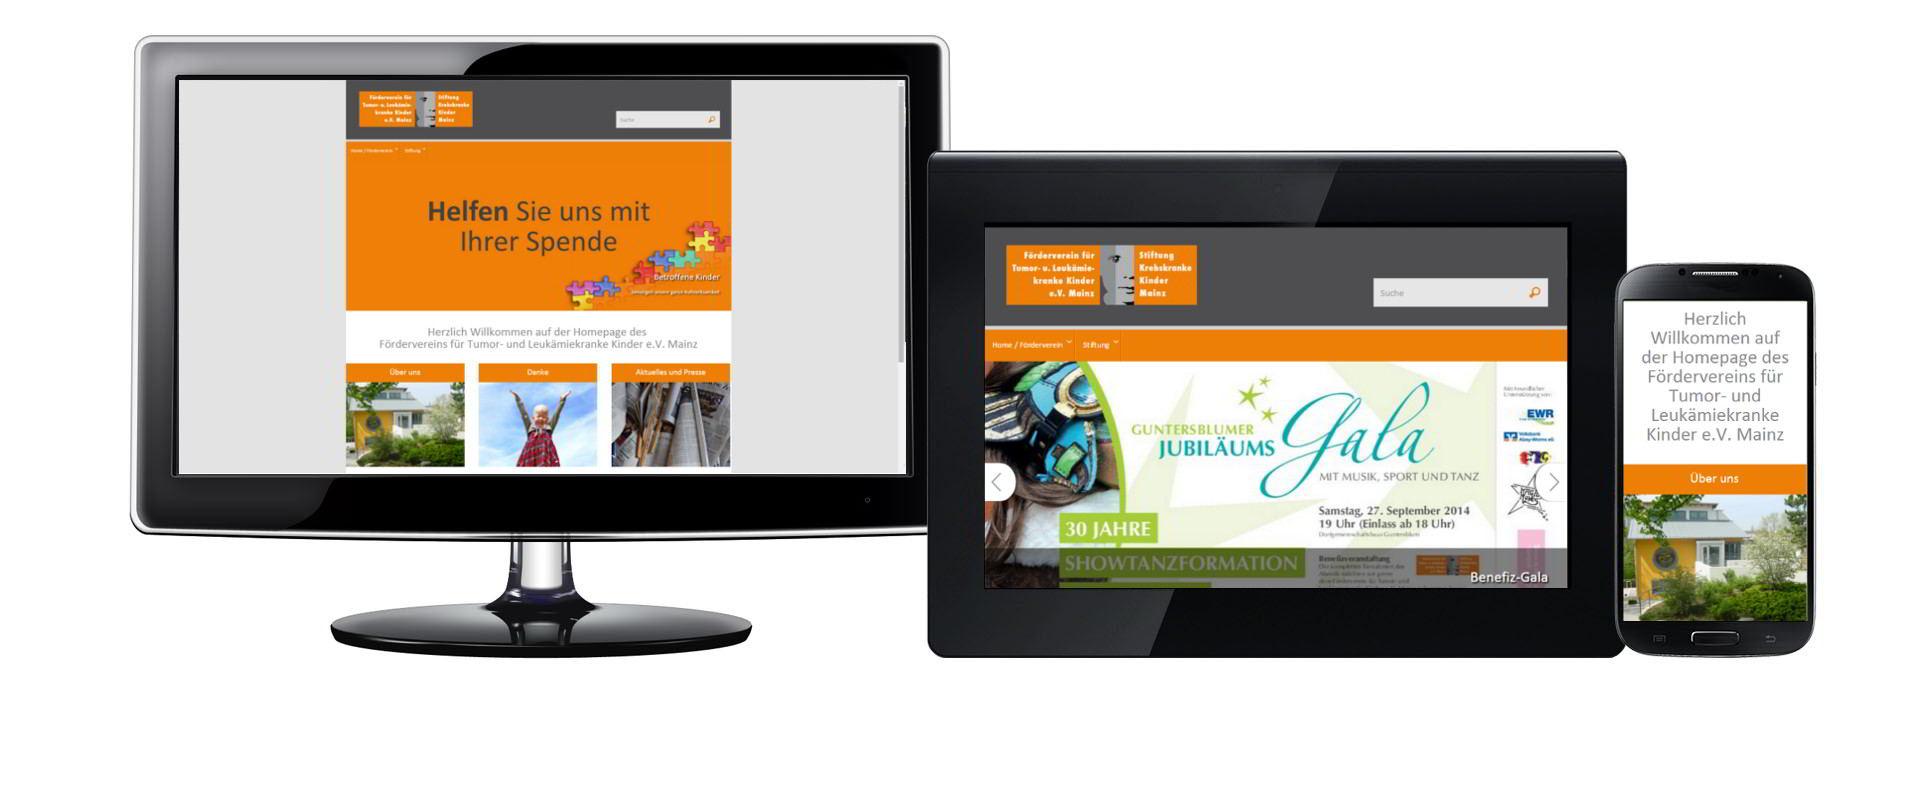 Wordpress Webseite mit Spendefomular